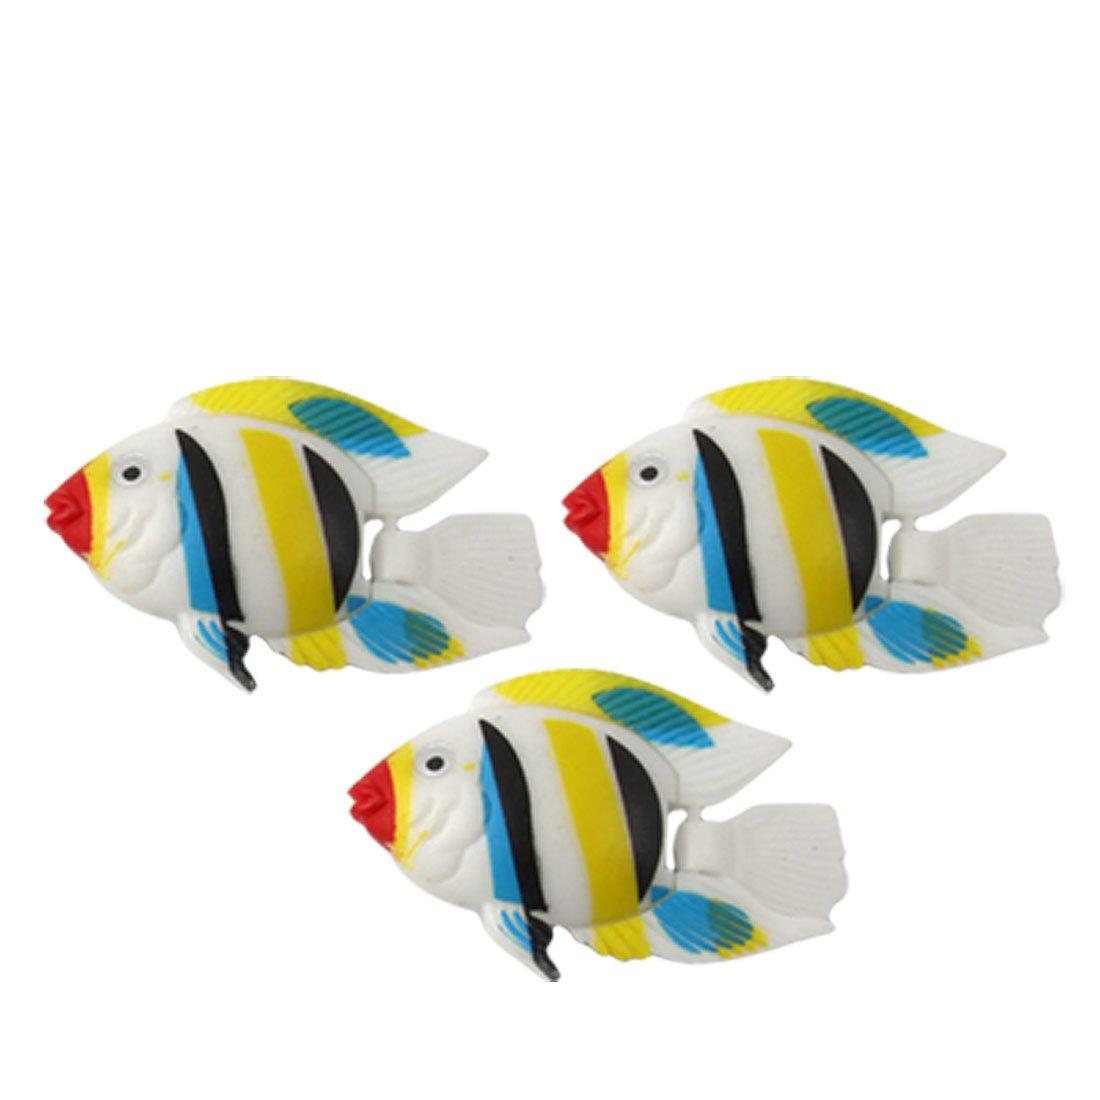 Water & Wood 3 Pcs Multicolor Plastic Simulated Fish Aquarium Decor